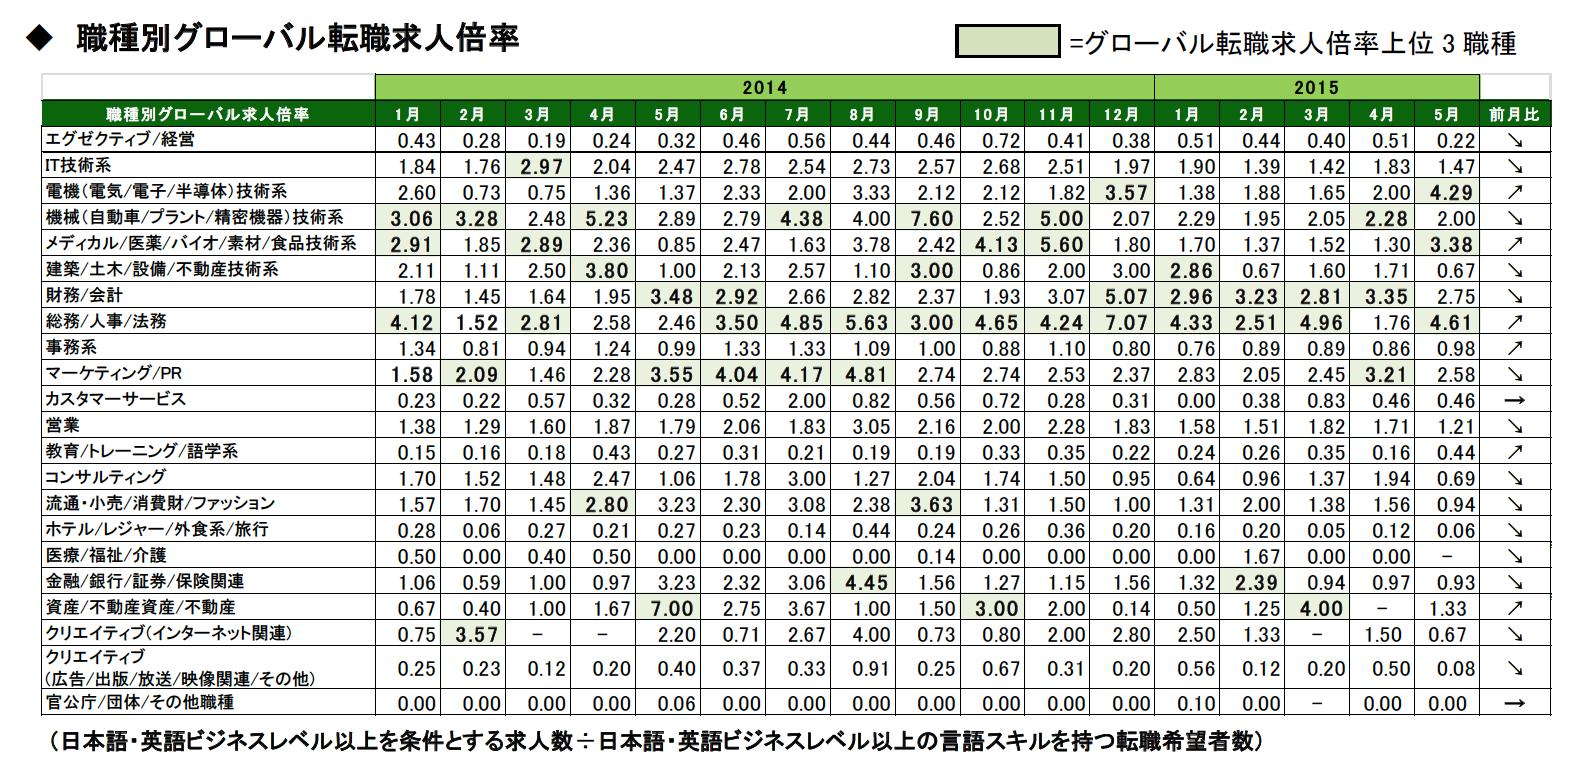 スクリーンショット 2015-06-26 11.41.55